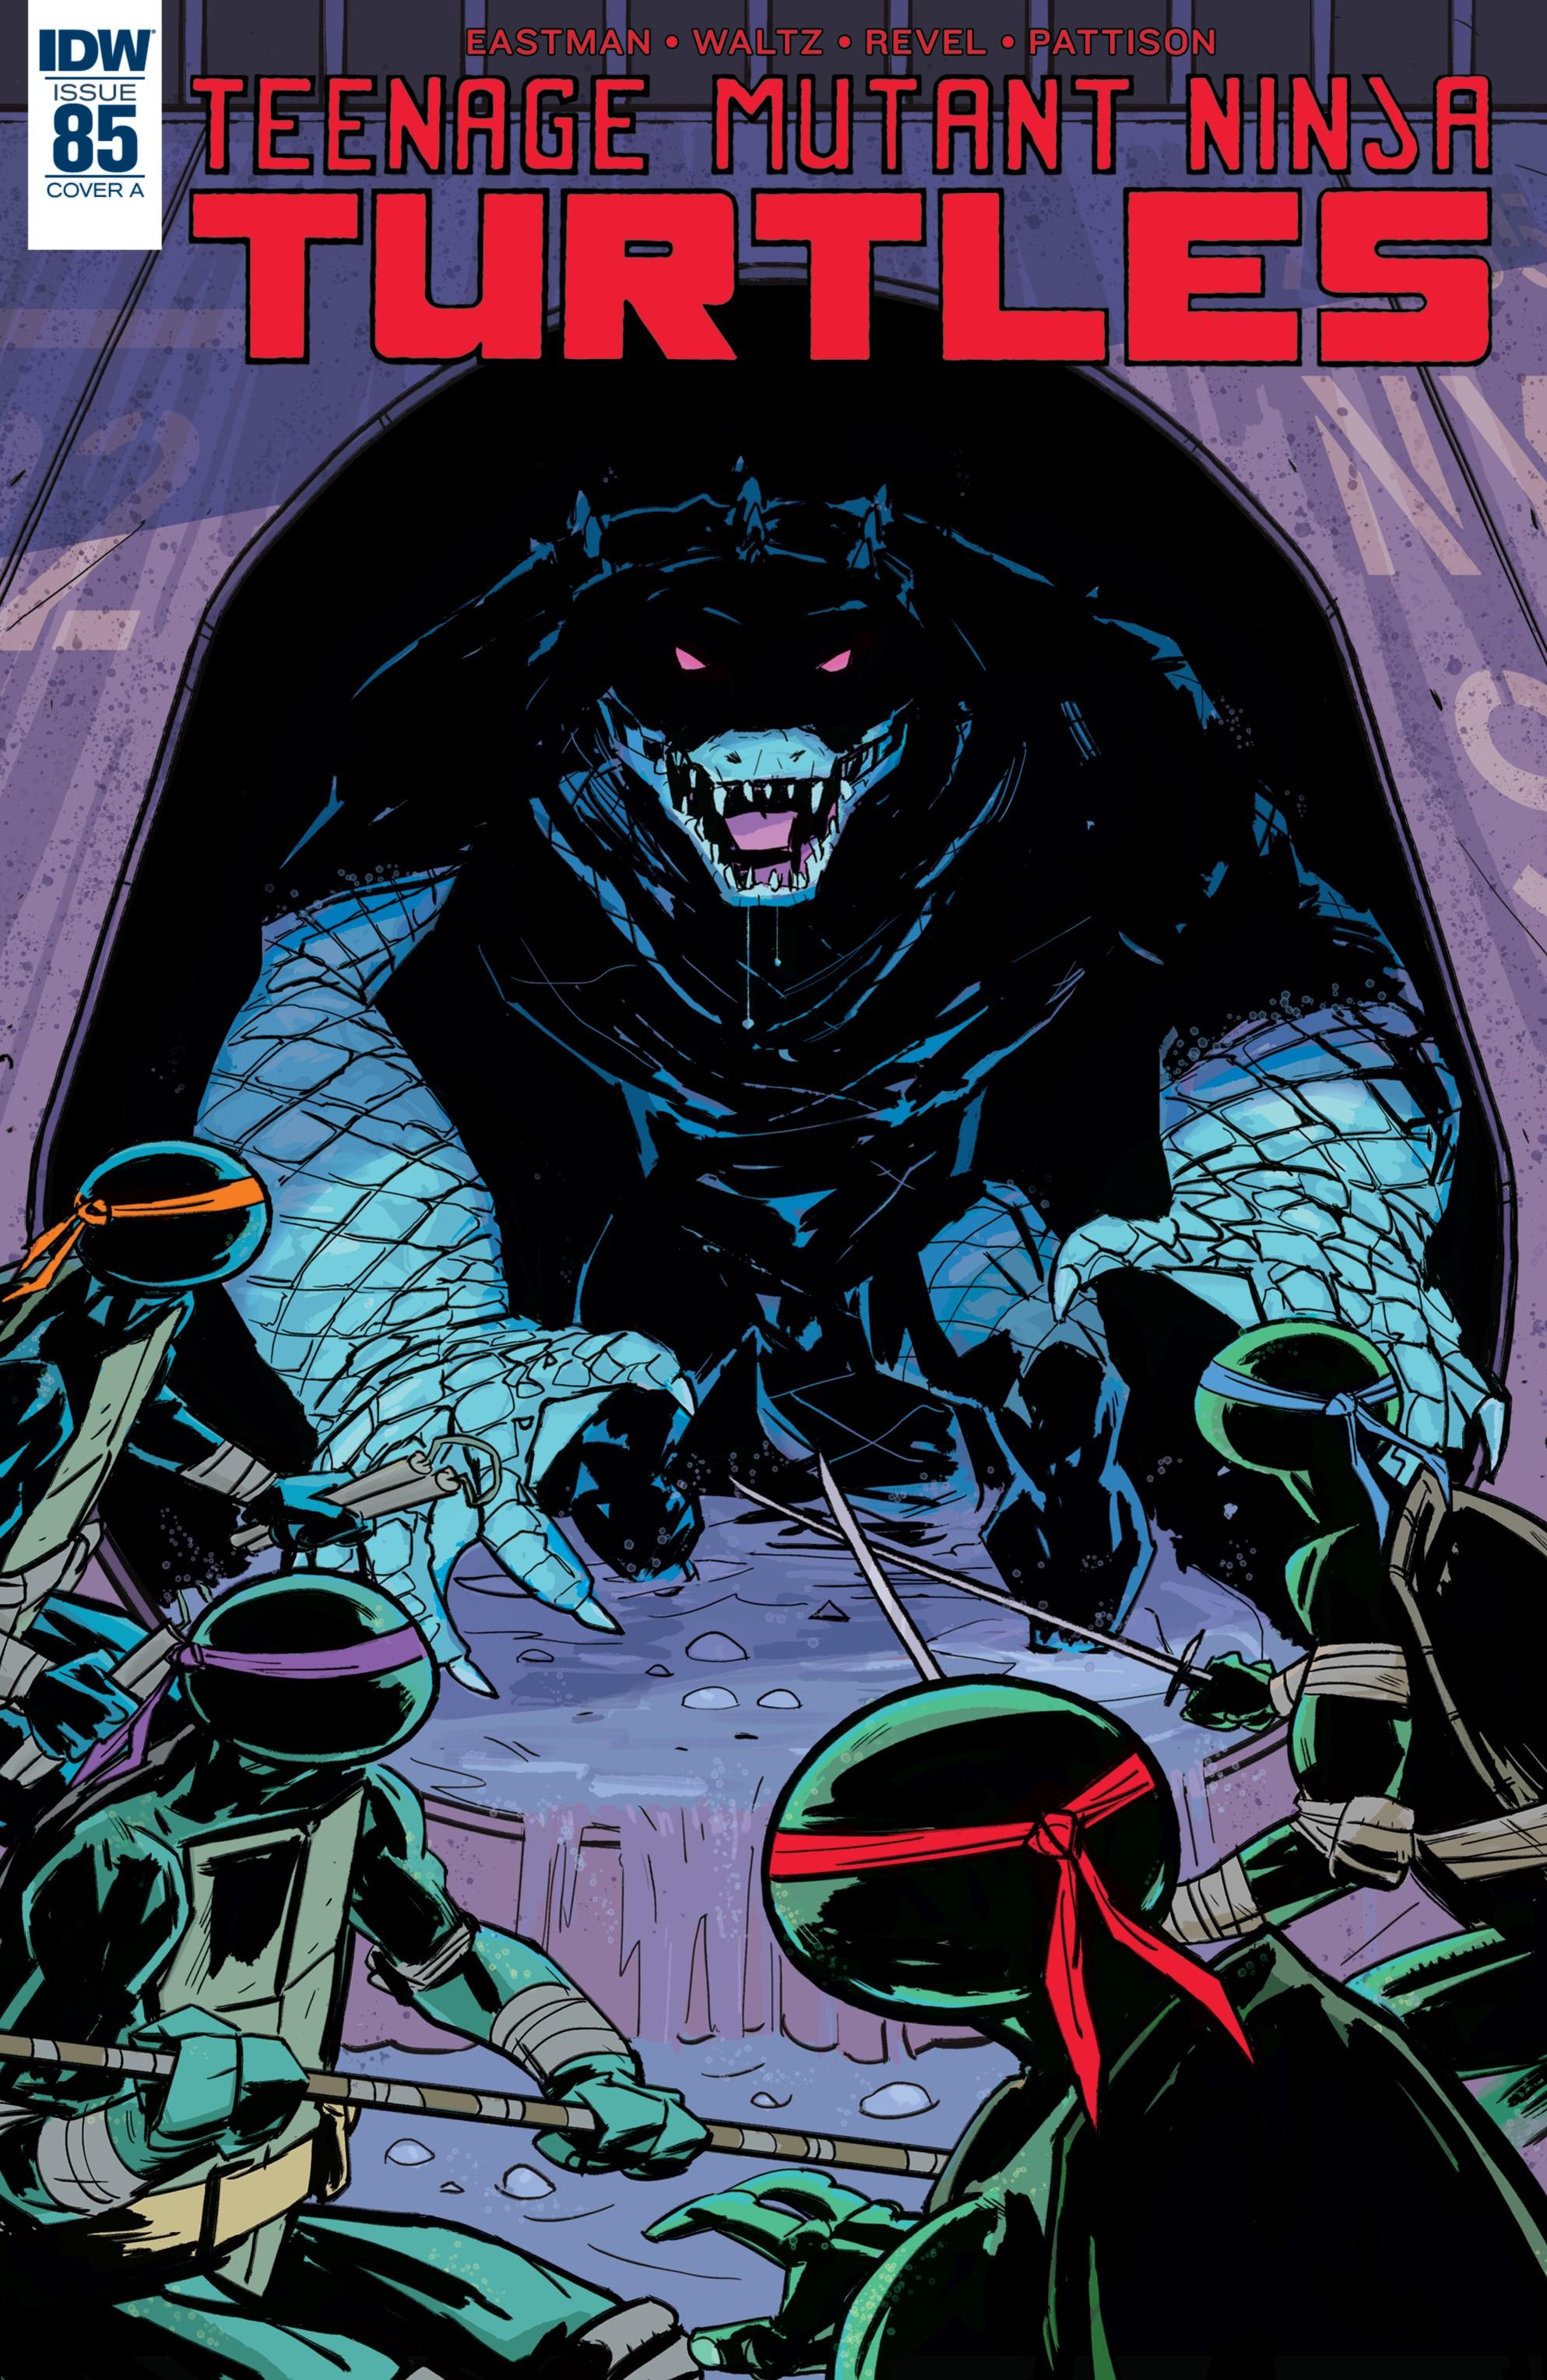 Teenage Mutant Ninja Turtles Issue 85 Idw Tmntpedia Fandom